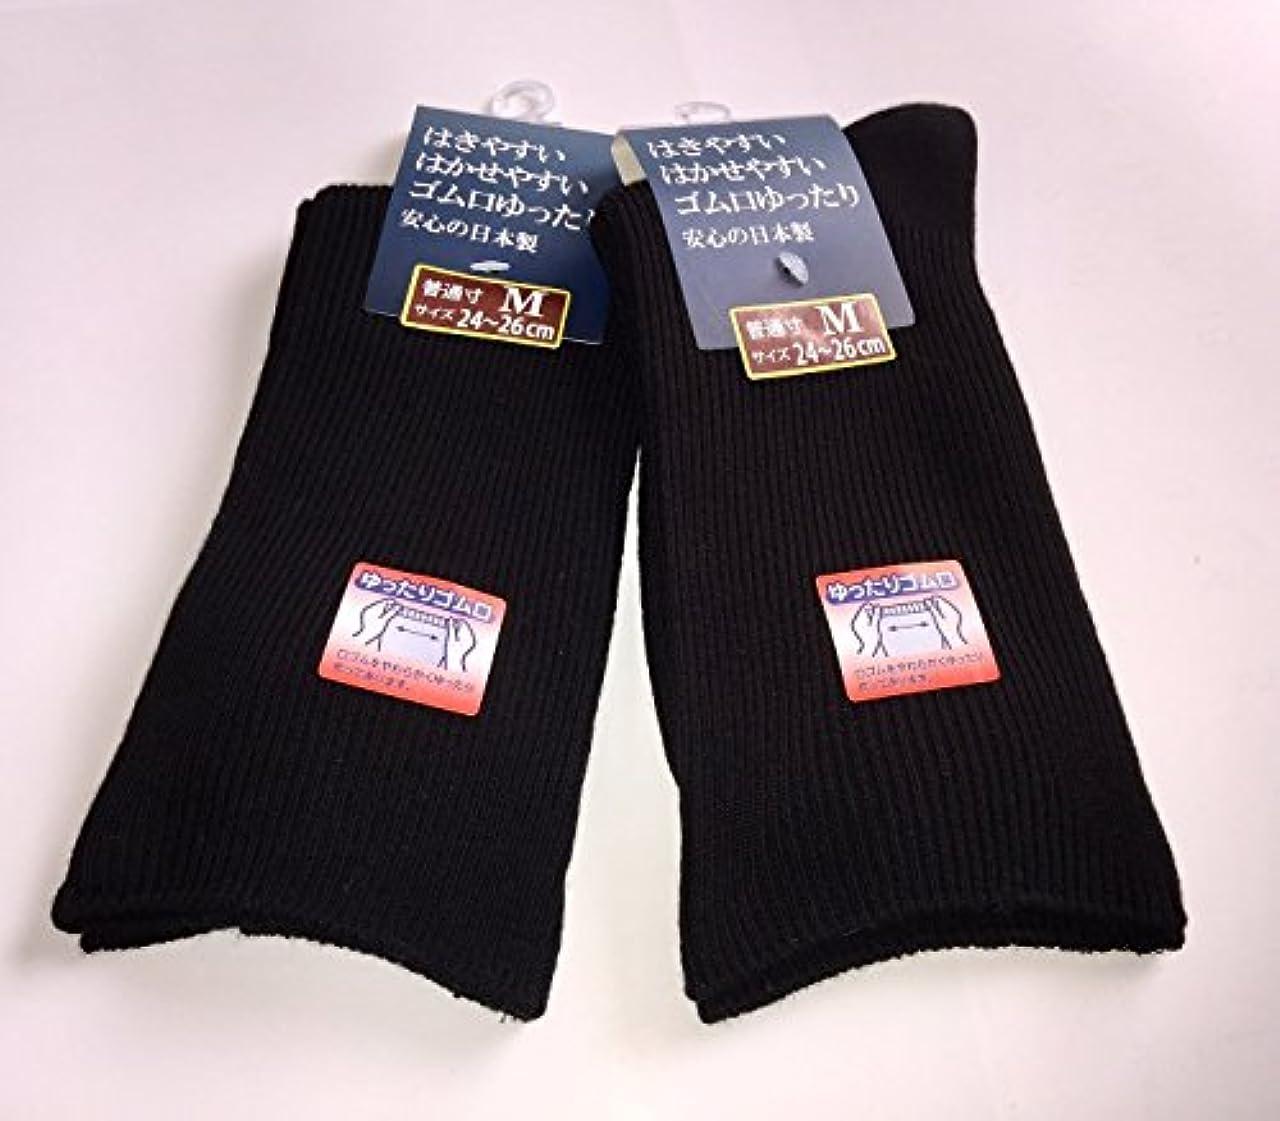 トランクライブラリ結核願望日本製 靴下 メンズ 口ゴムなし ゆったり靴下 24-26cm 2足組 (ブラック)